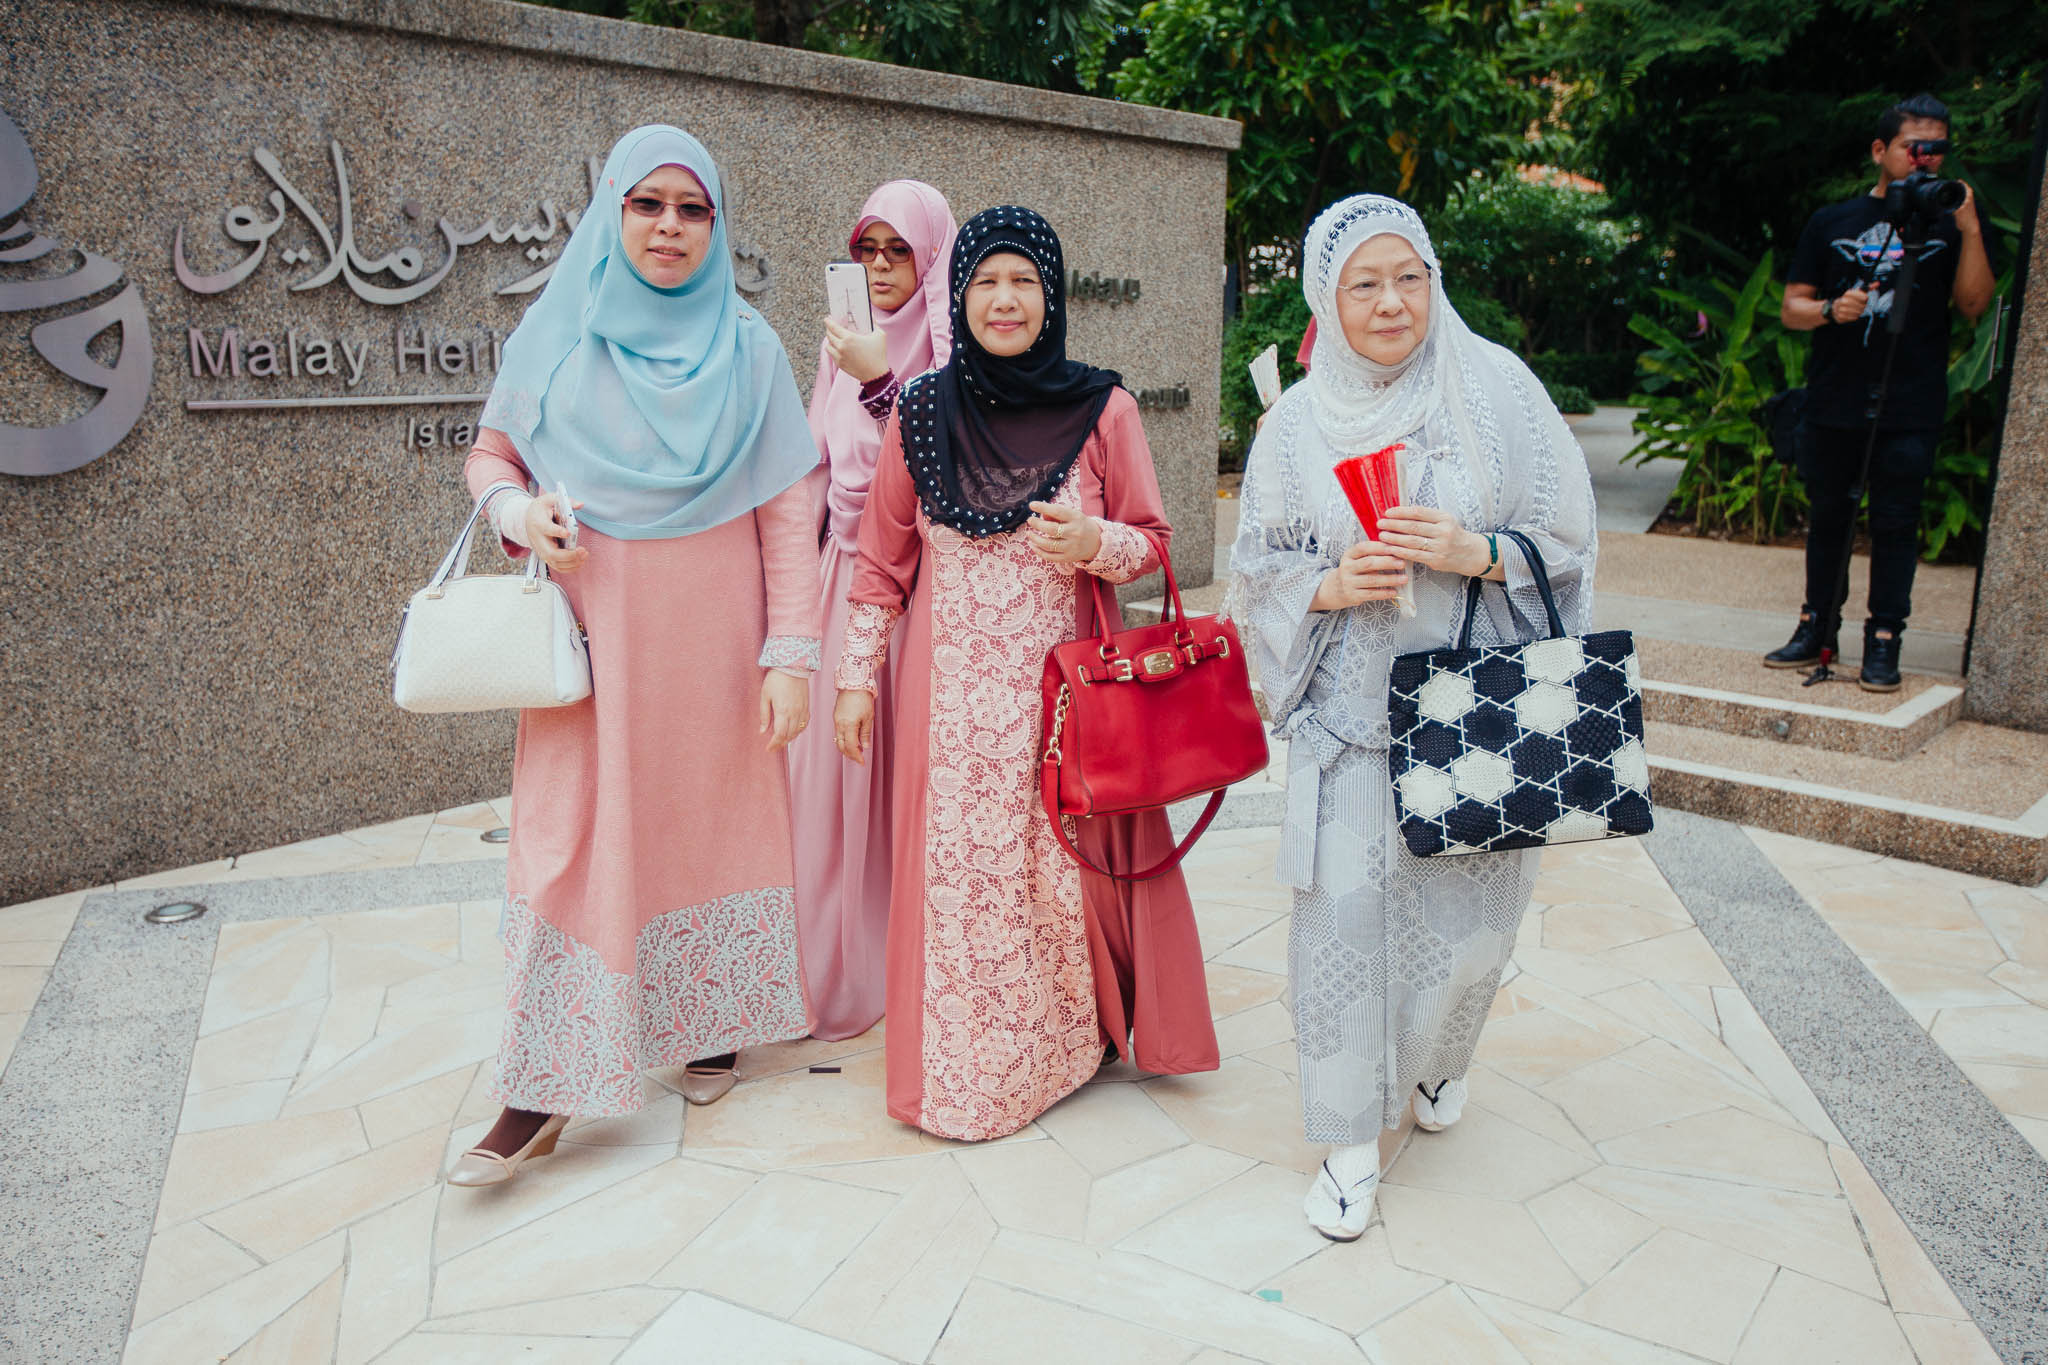 singapore-wedding-photographer-travel-wemadethese-atara-hafizah-42.jpg